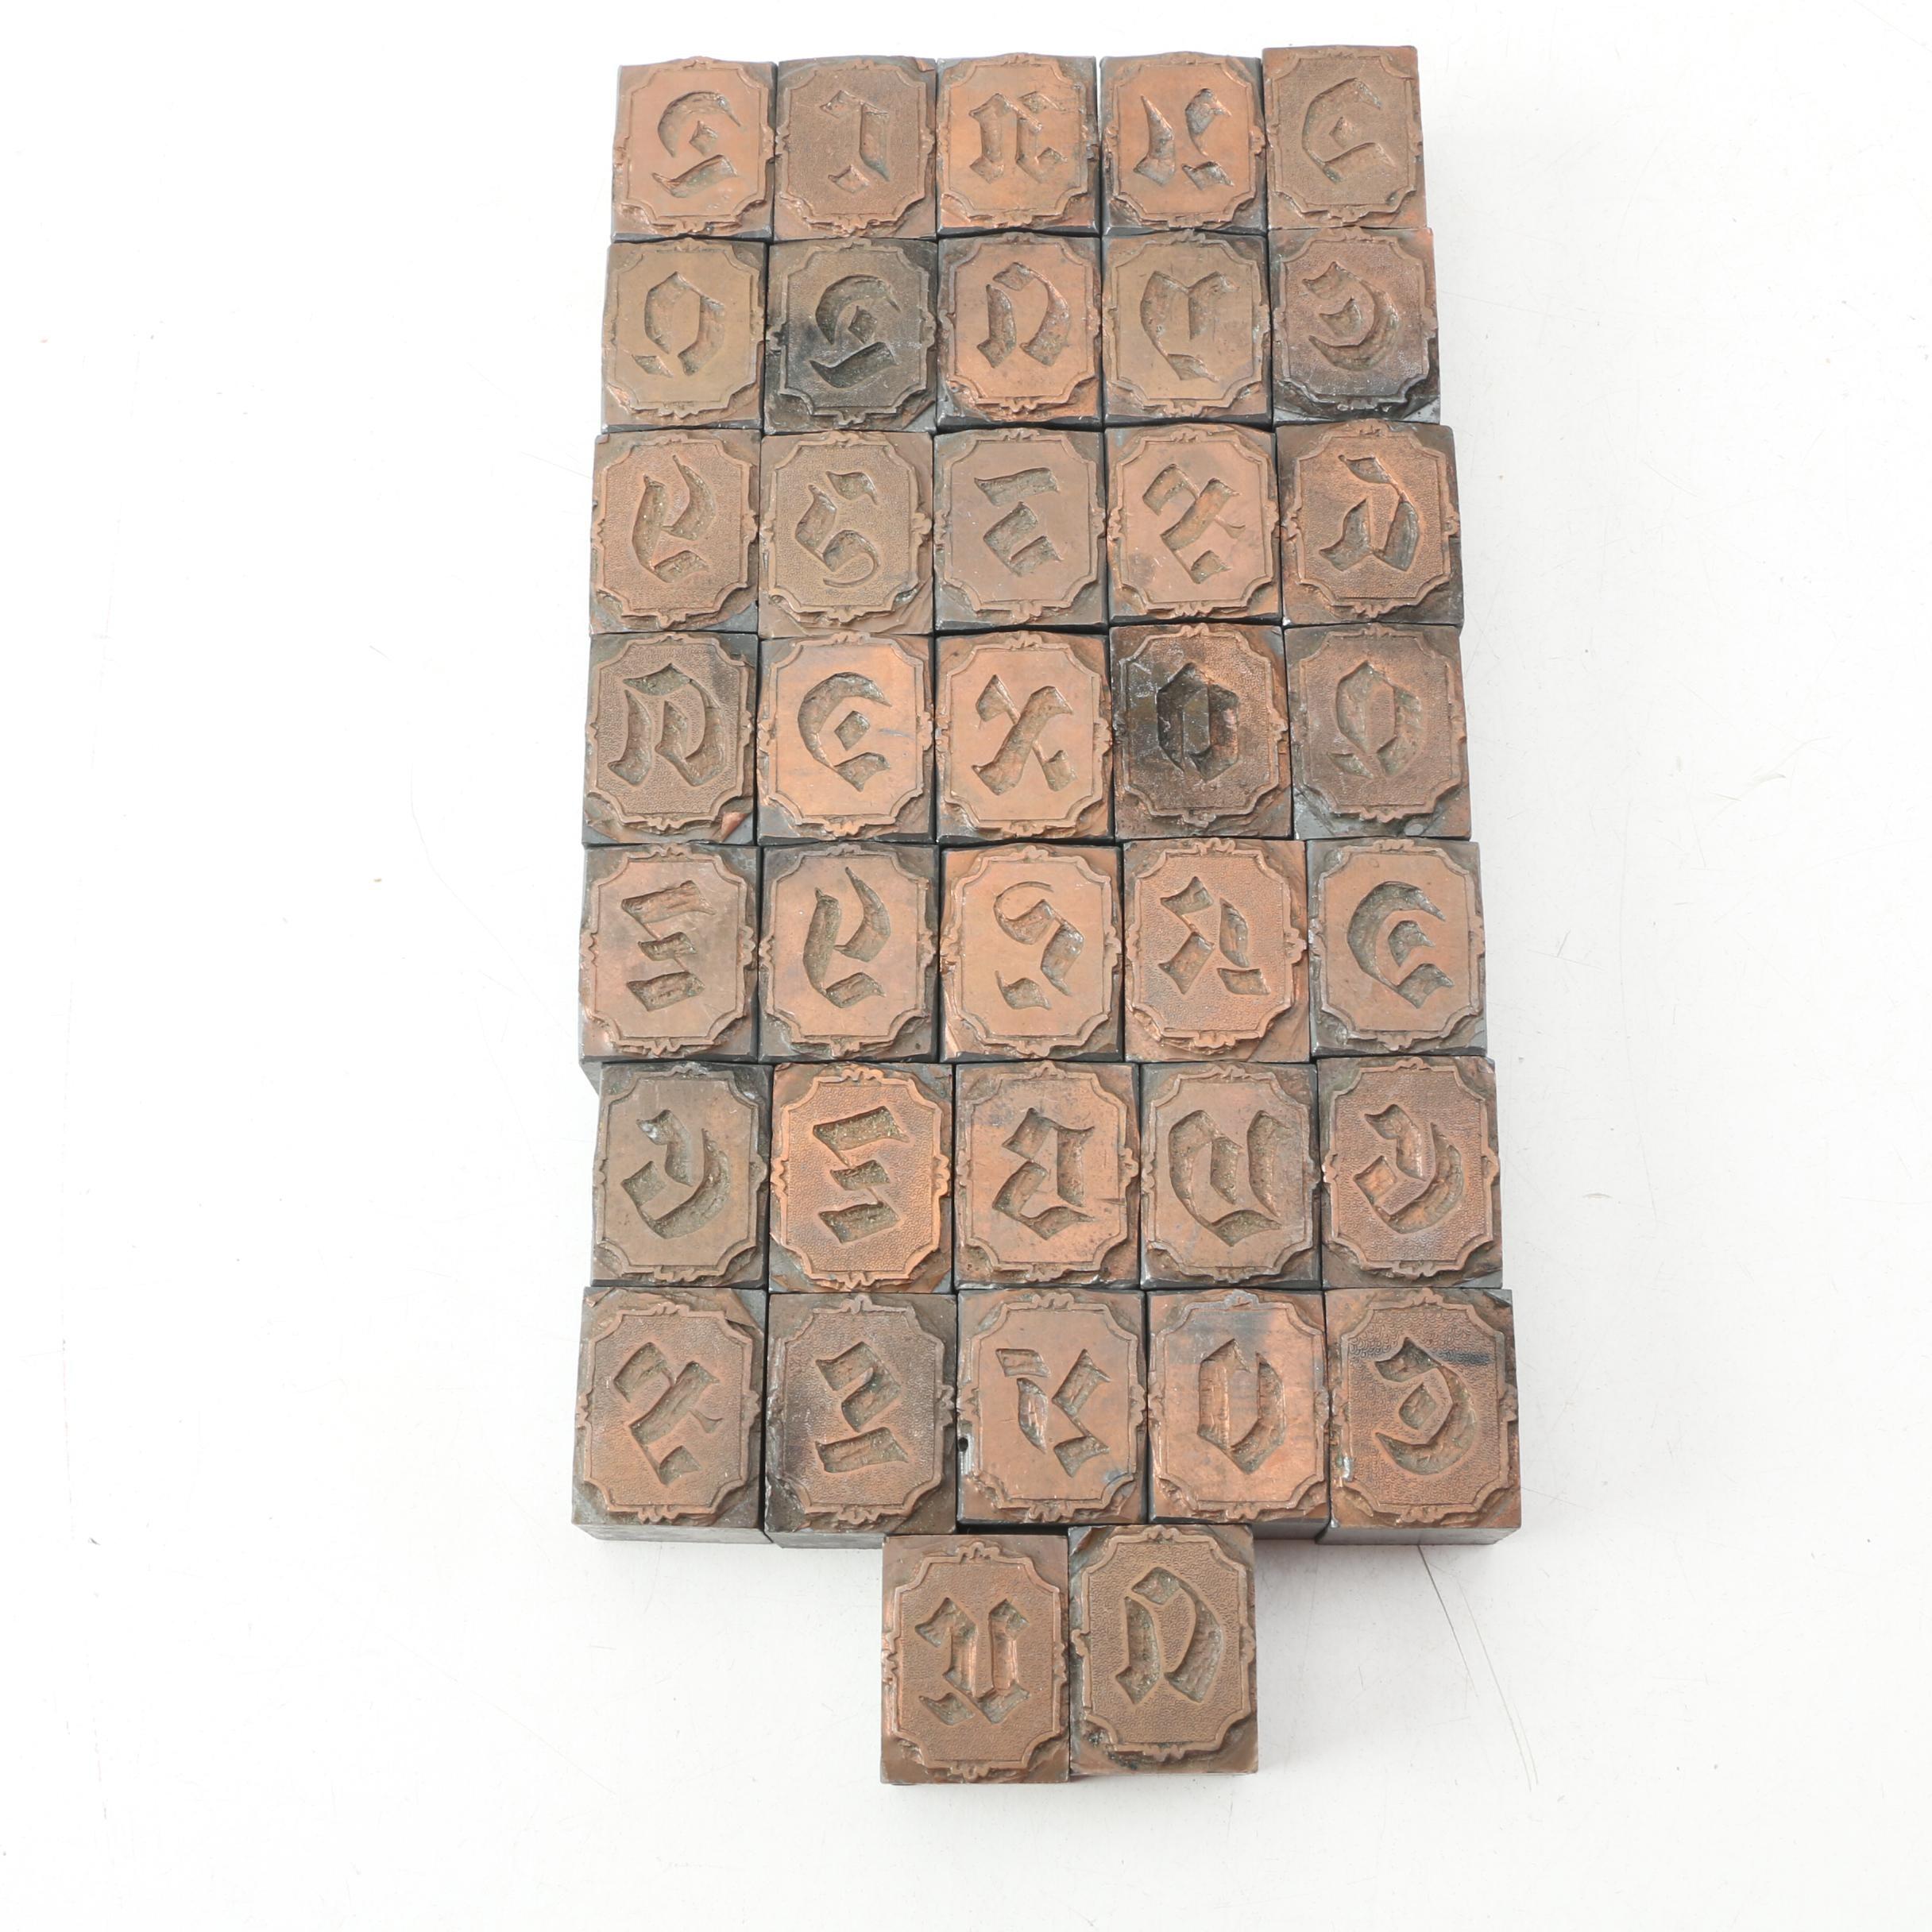 Antique Letterpress Drop Cap Blocks